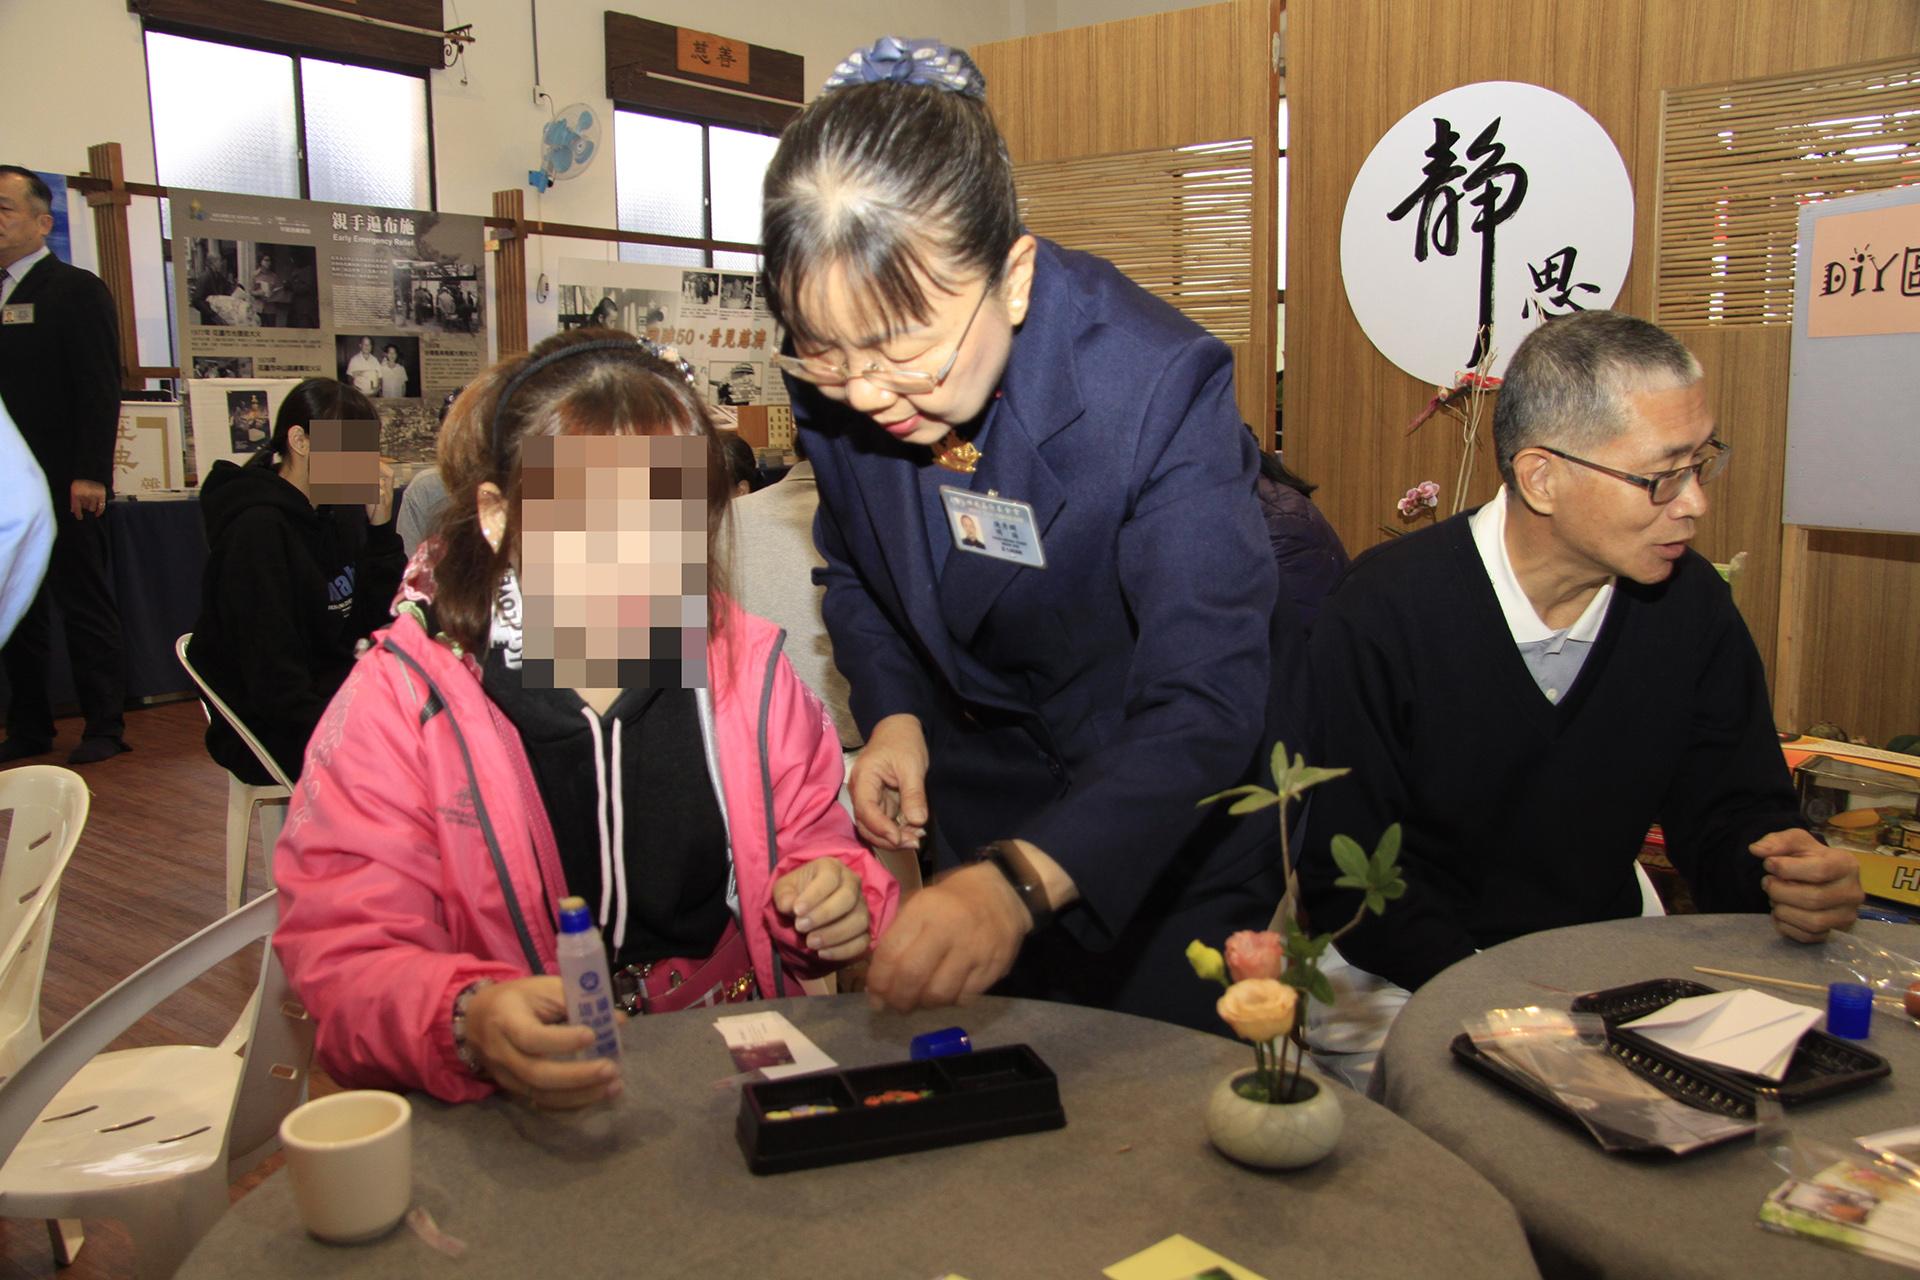 主責志工陳秀嫻陪伴張振華的女兒體驗DIY手做書籤,這也是女兒的興趣之一。